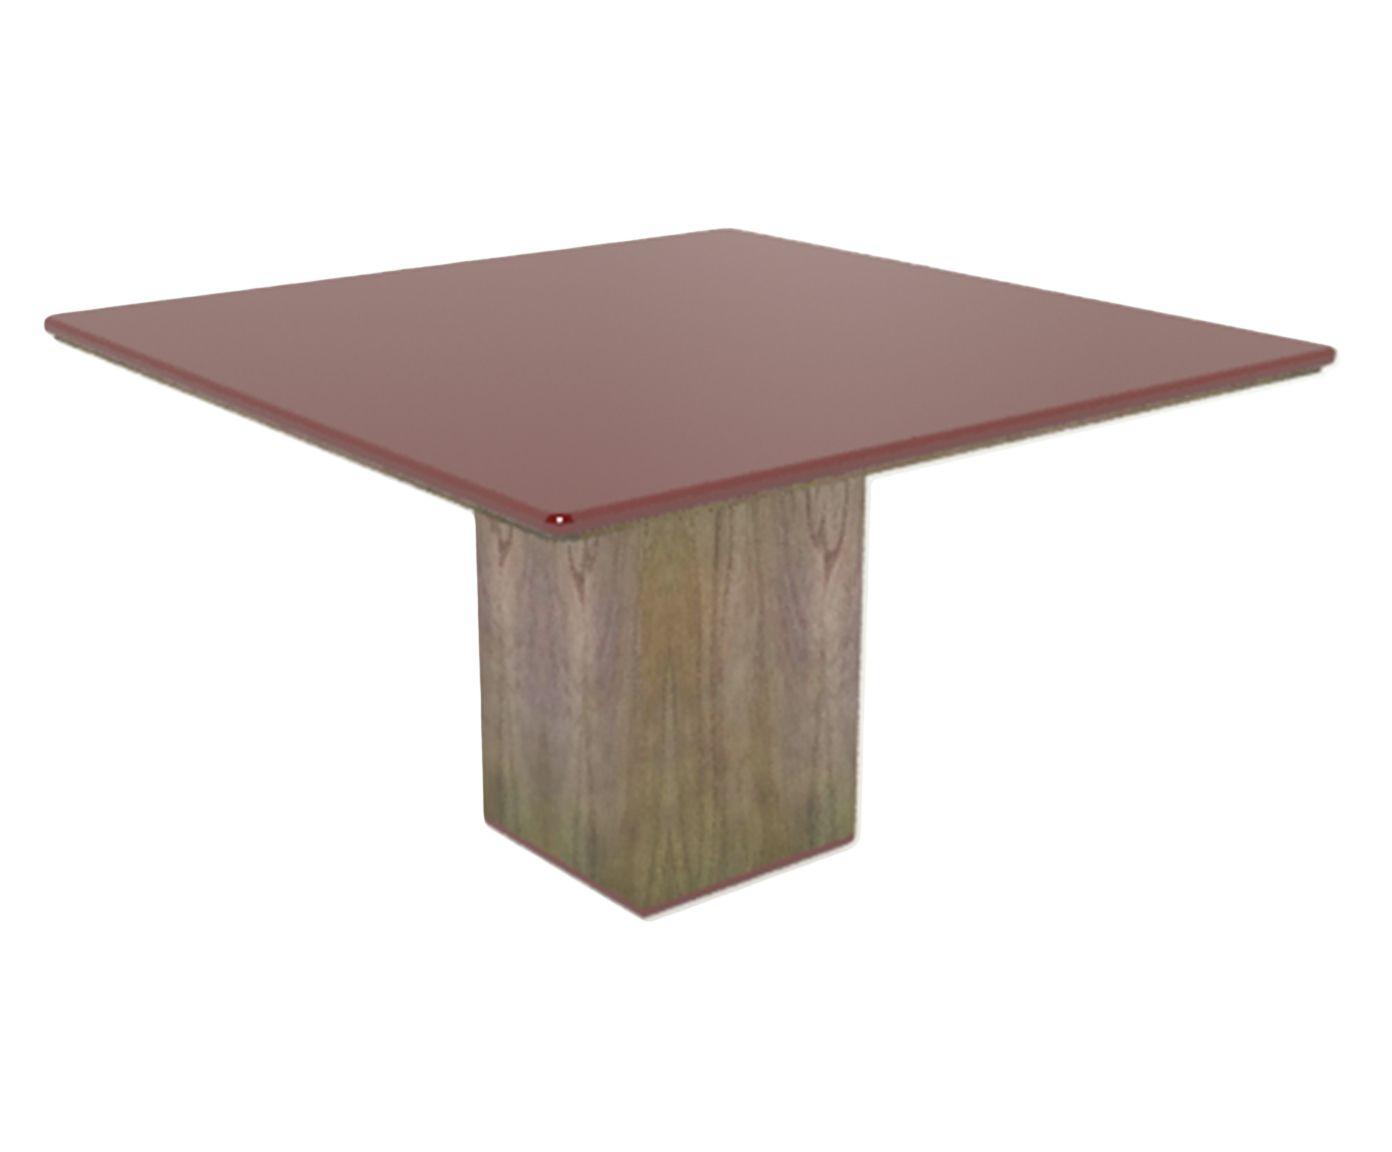 Mesa de Jantar Cananeia Carmim - 100x100cm | Westwing.com.br